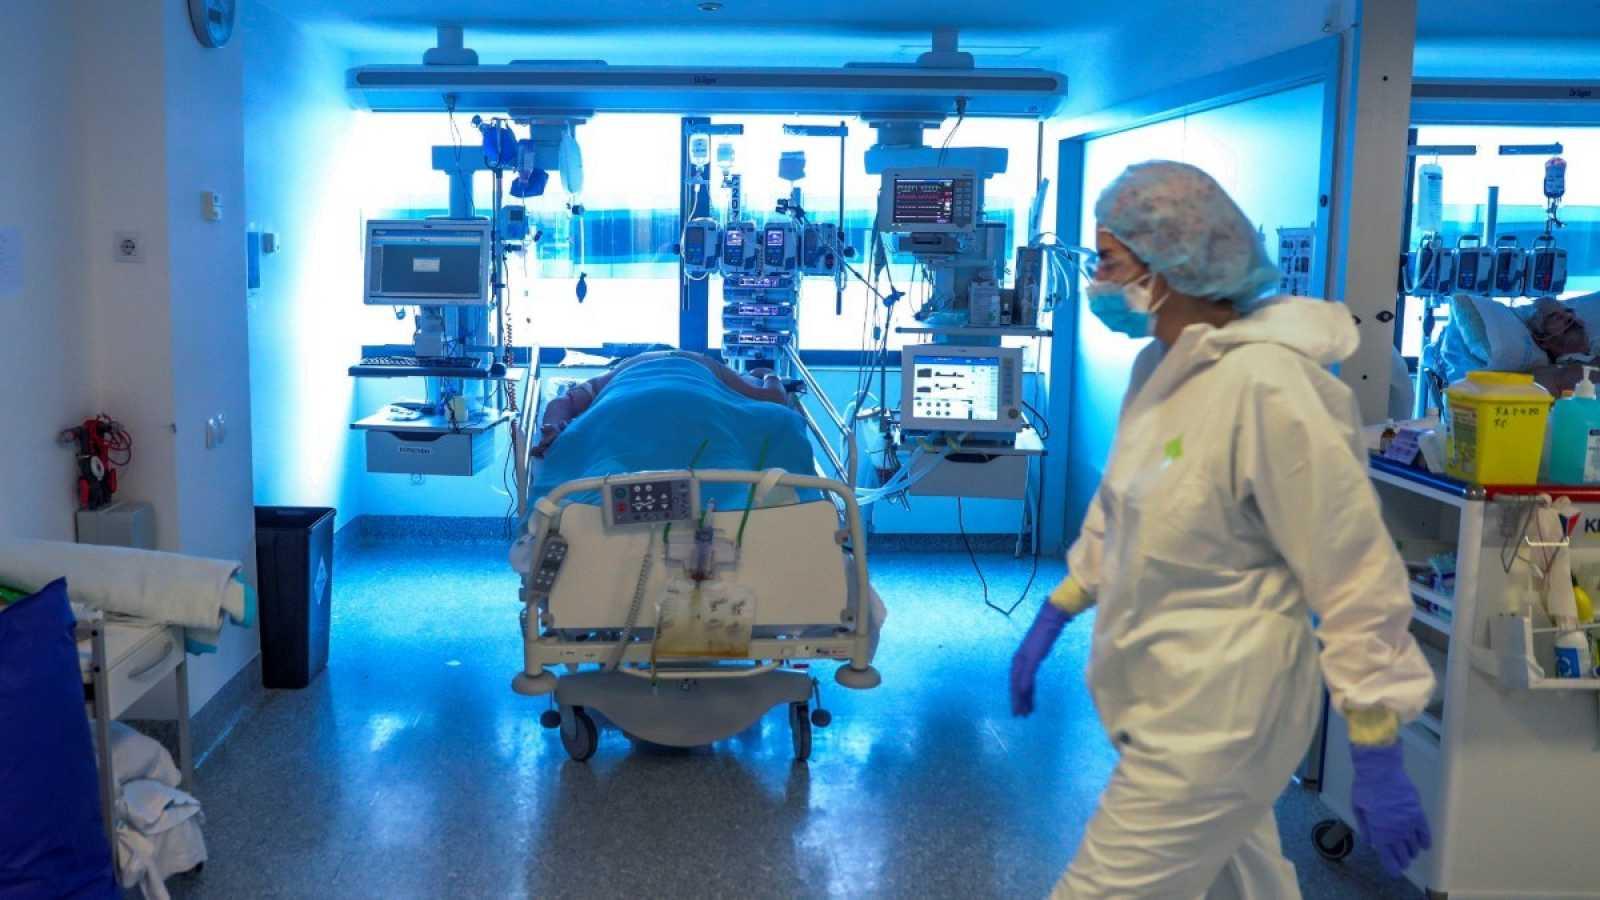 وفيات فيروس كورونا اسبانيا اليوم